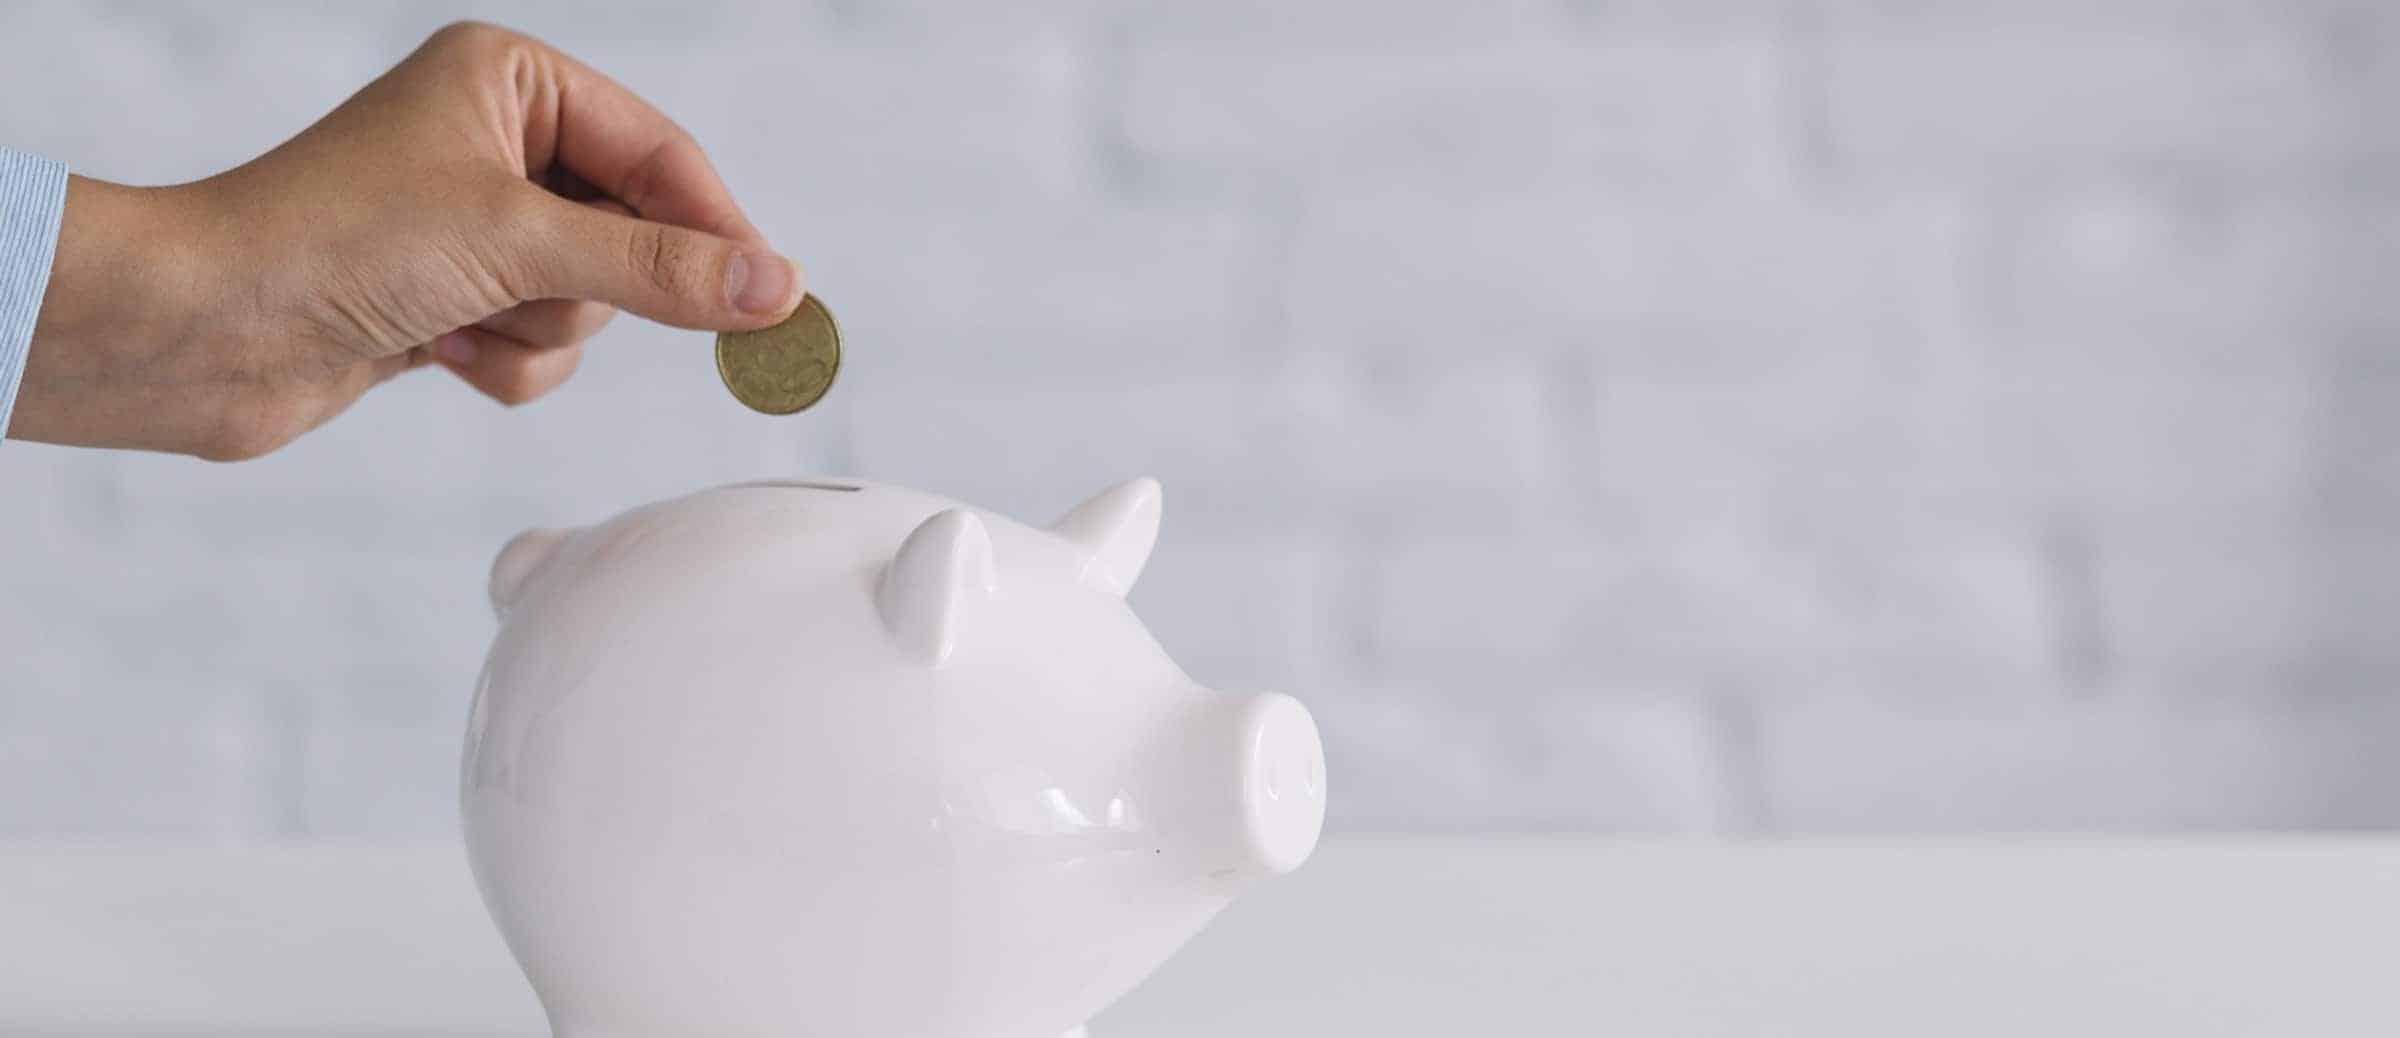 Investimento para iniciantes: por onde começar?